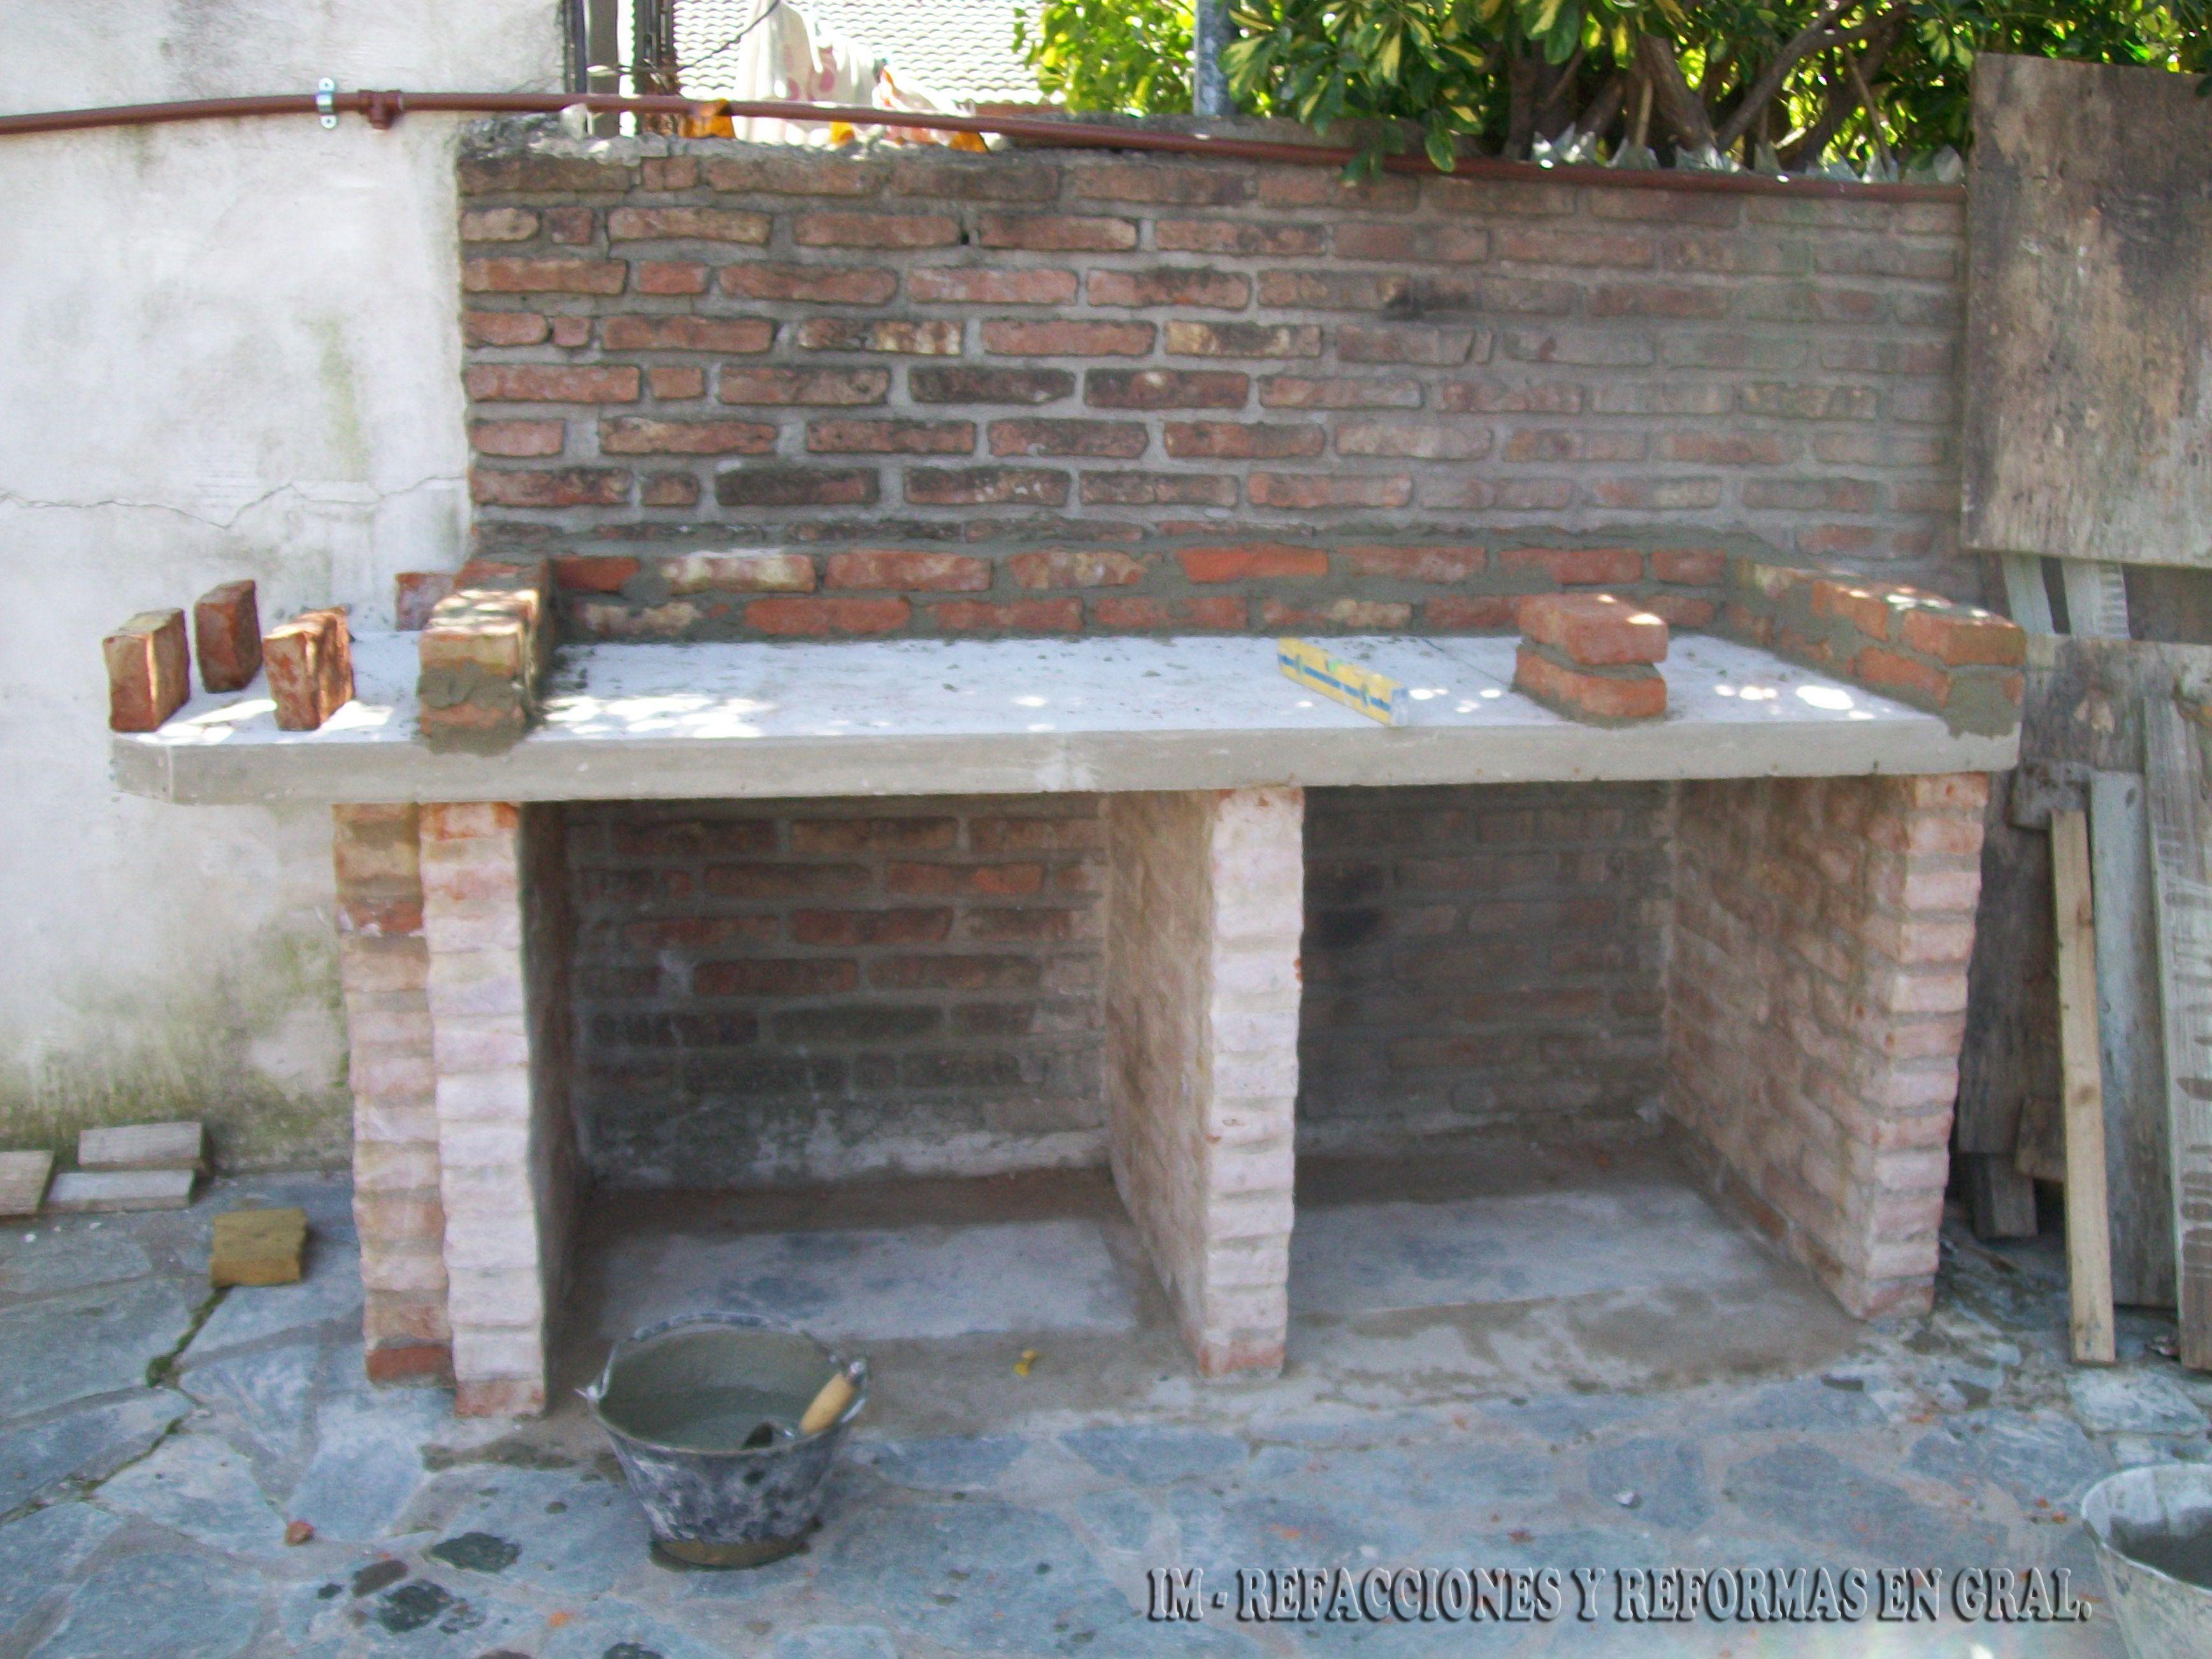 Tavolo Da Giardino Con Barbecue.Parrilla Con Mesada Bs As Argentina 1 9 Outdoor Barbeque